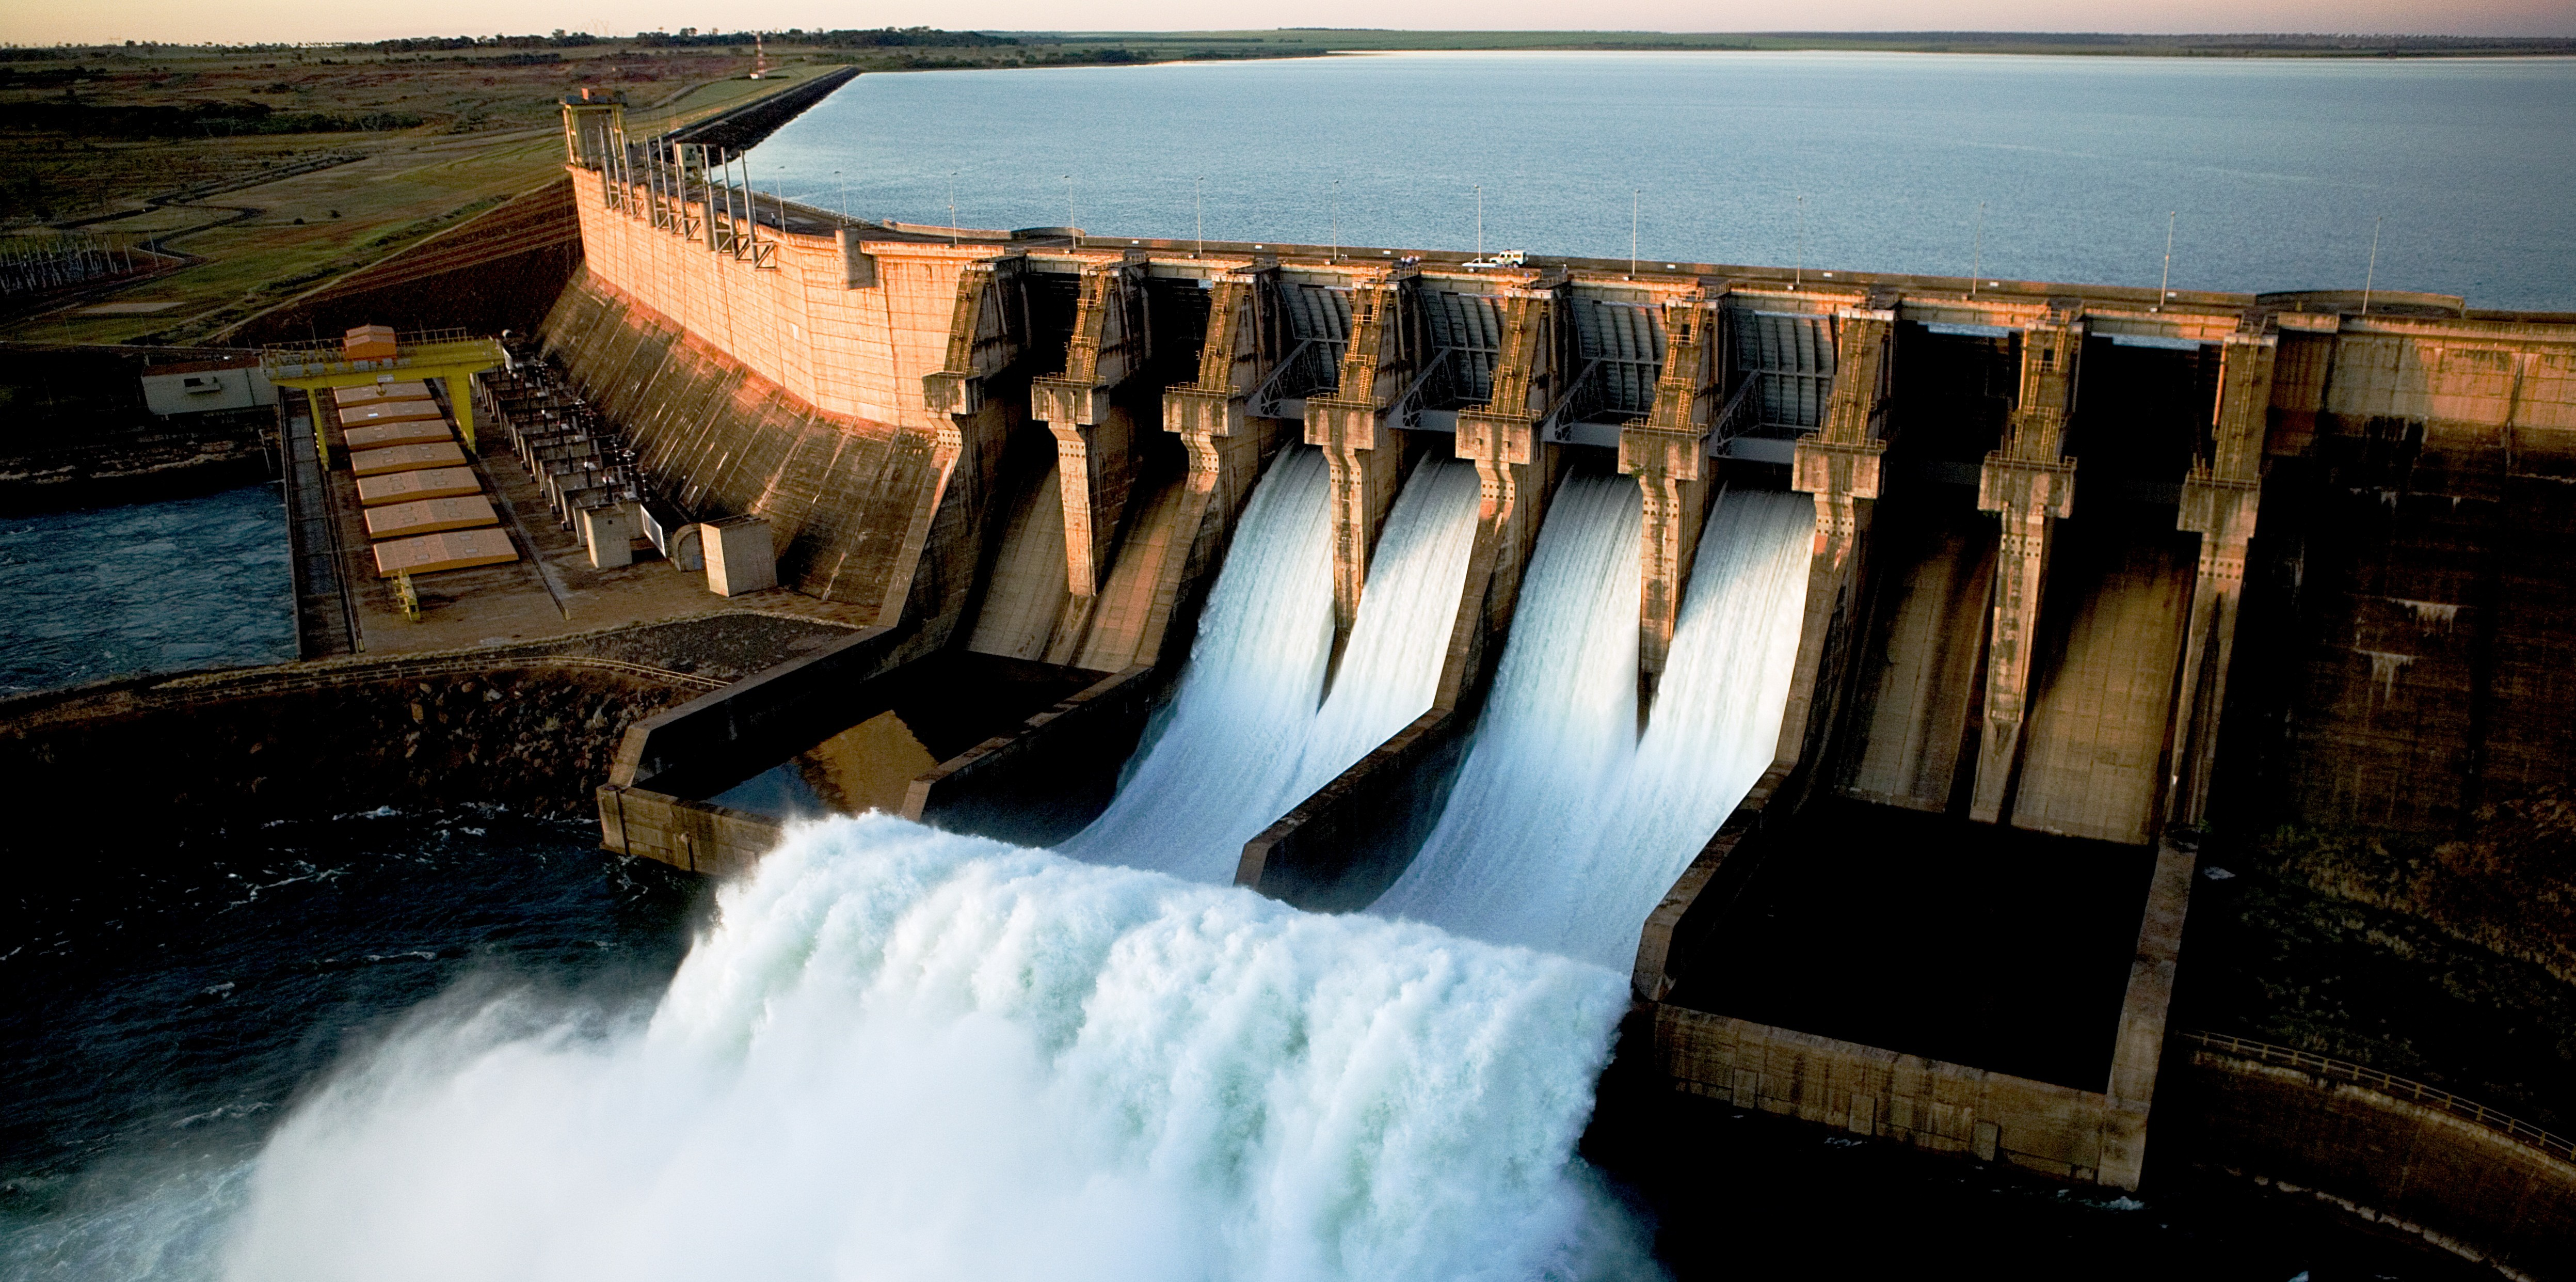 hydropower-plant